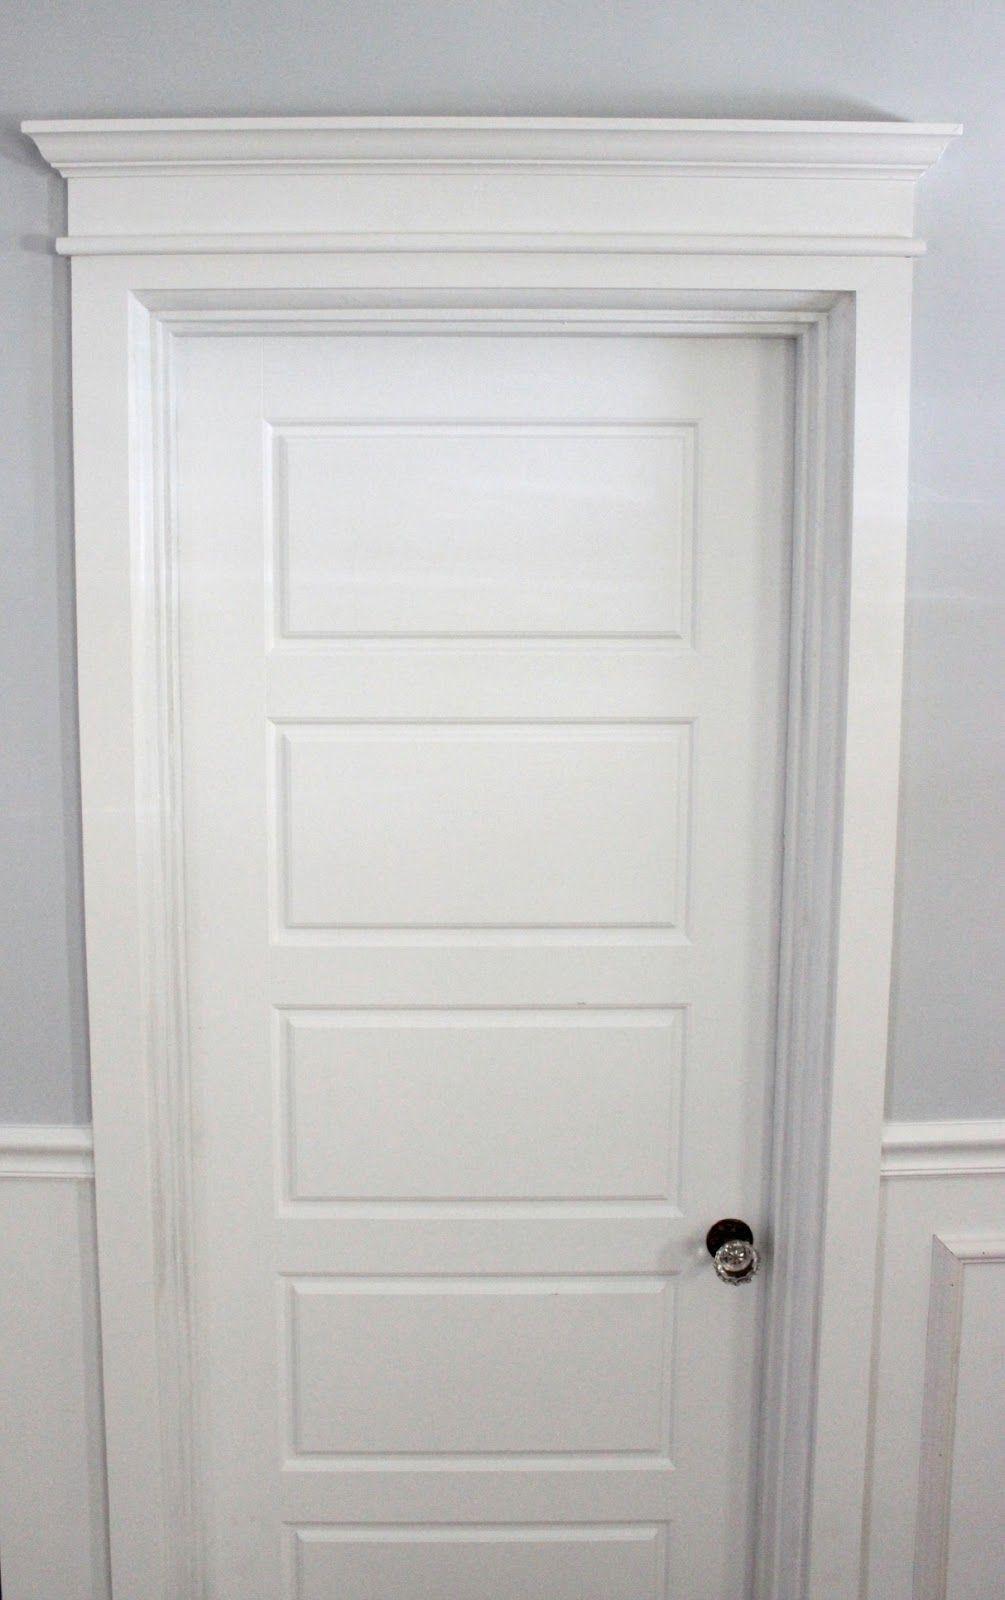 Window moulding ideas  diy door trim tutorial  search door trims and design